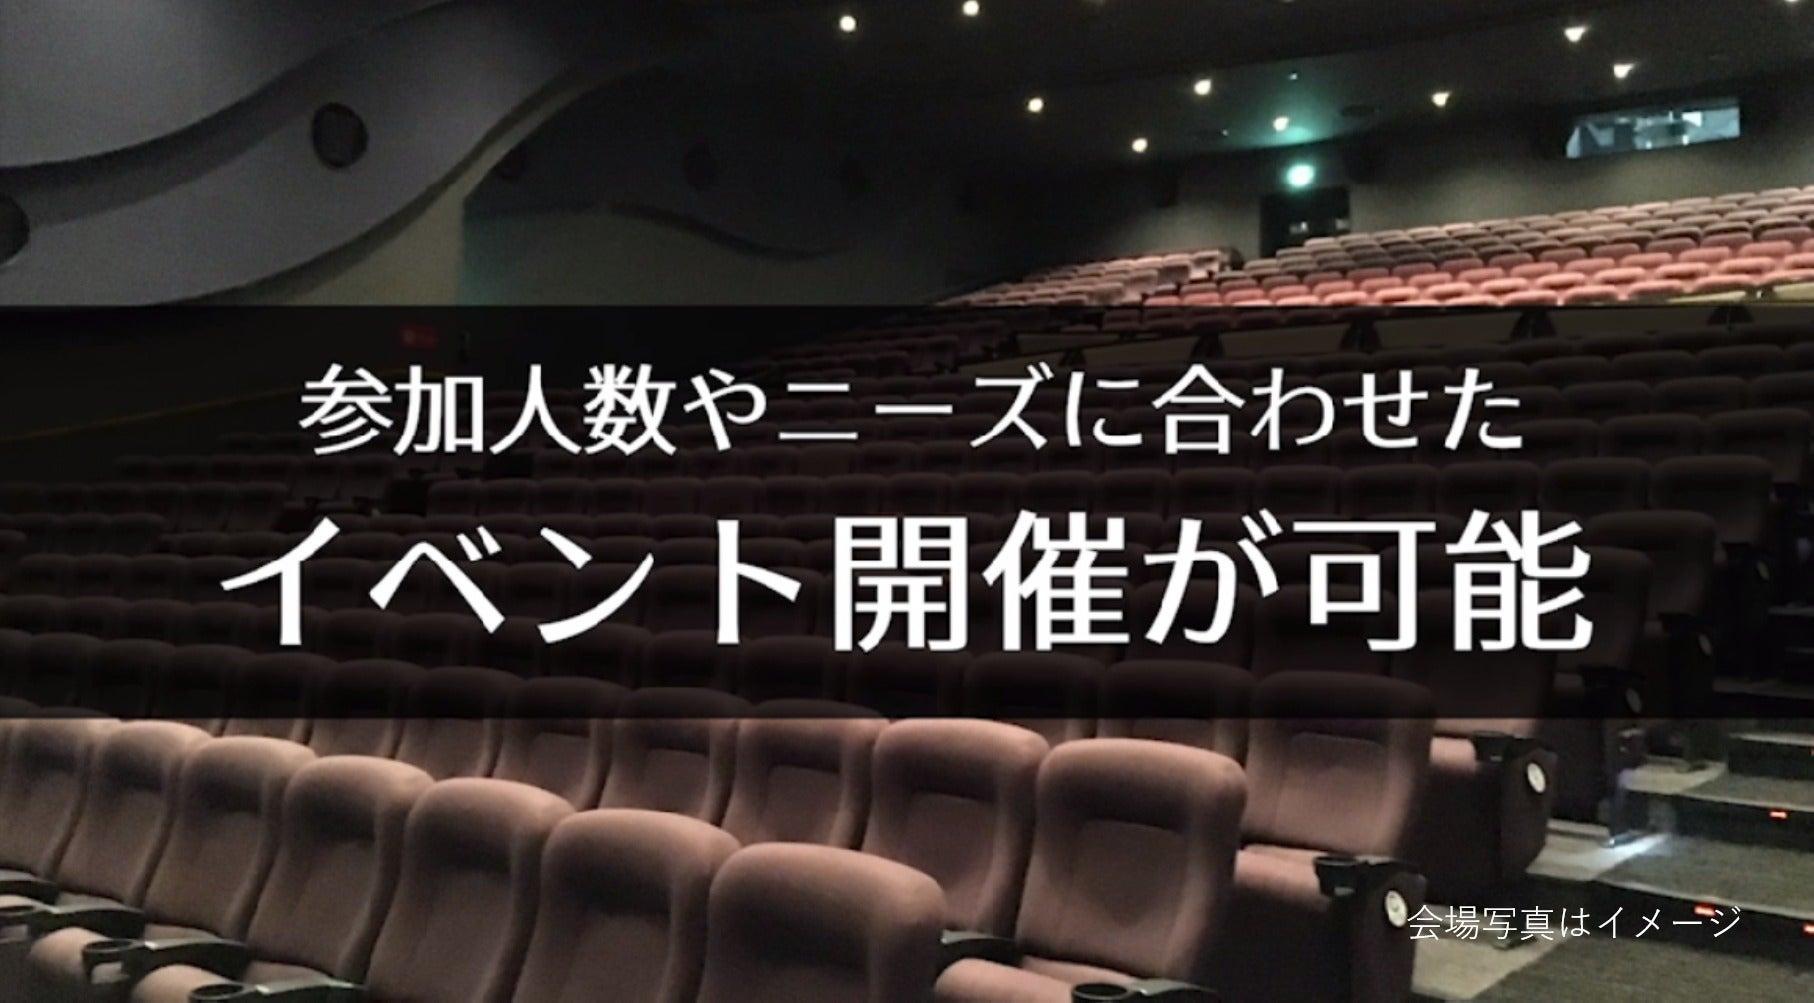 【金沢 338席】映画館で、会社説明会、株主総会、講演会の企画はいかがですか?(ユナイテッド・シネマ金沢) の写真0